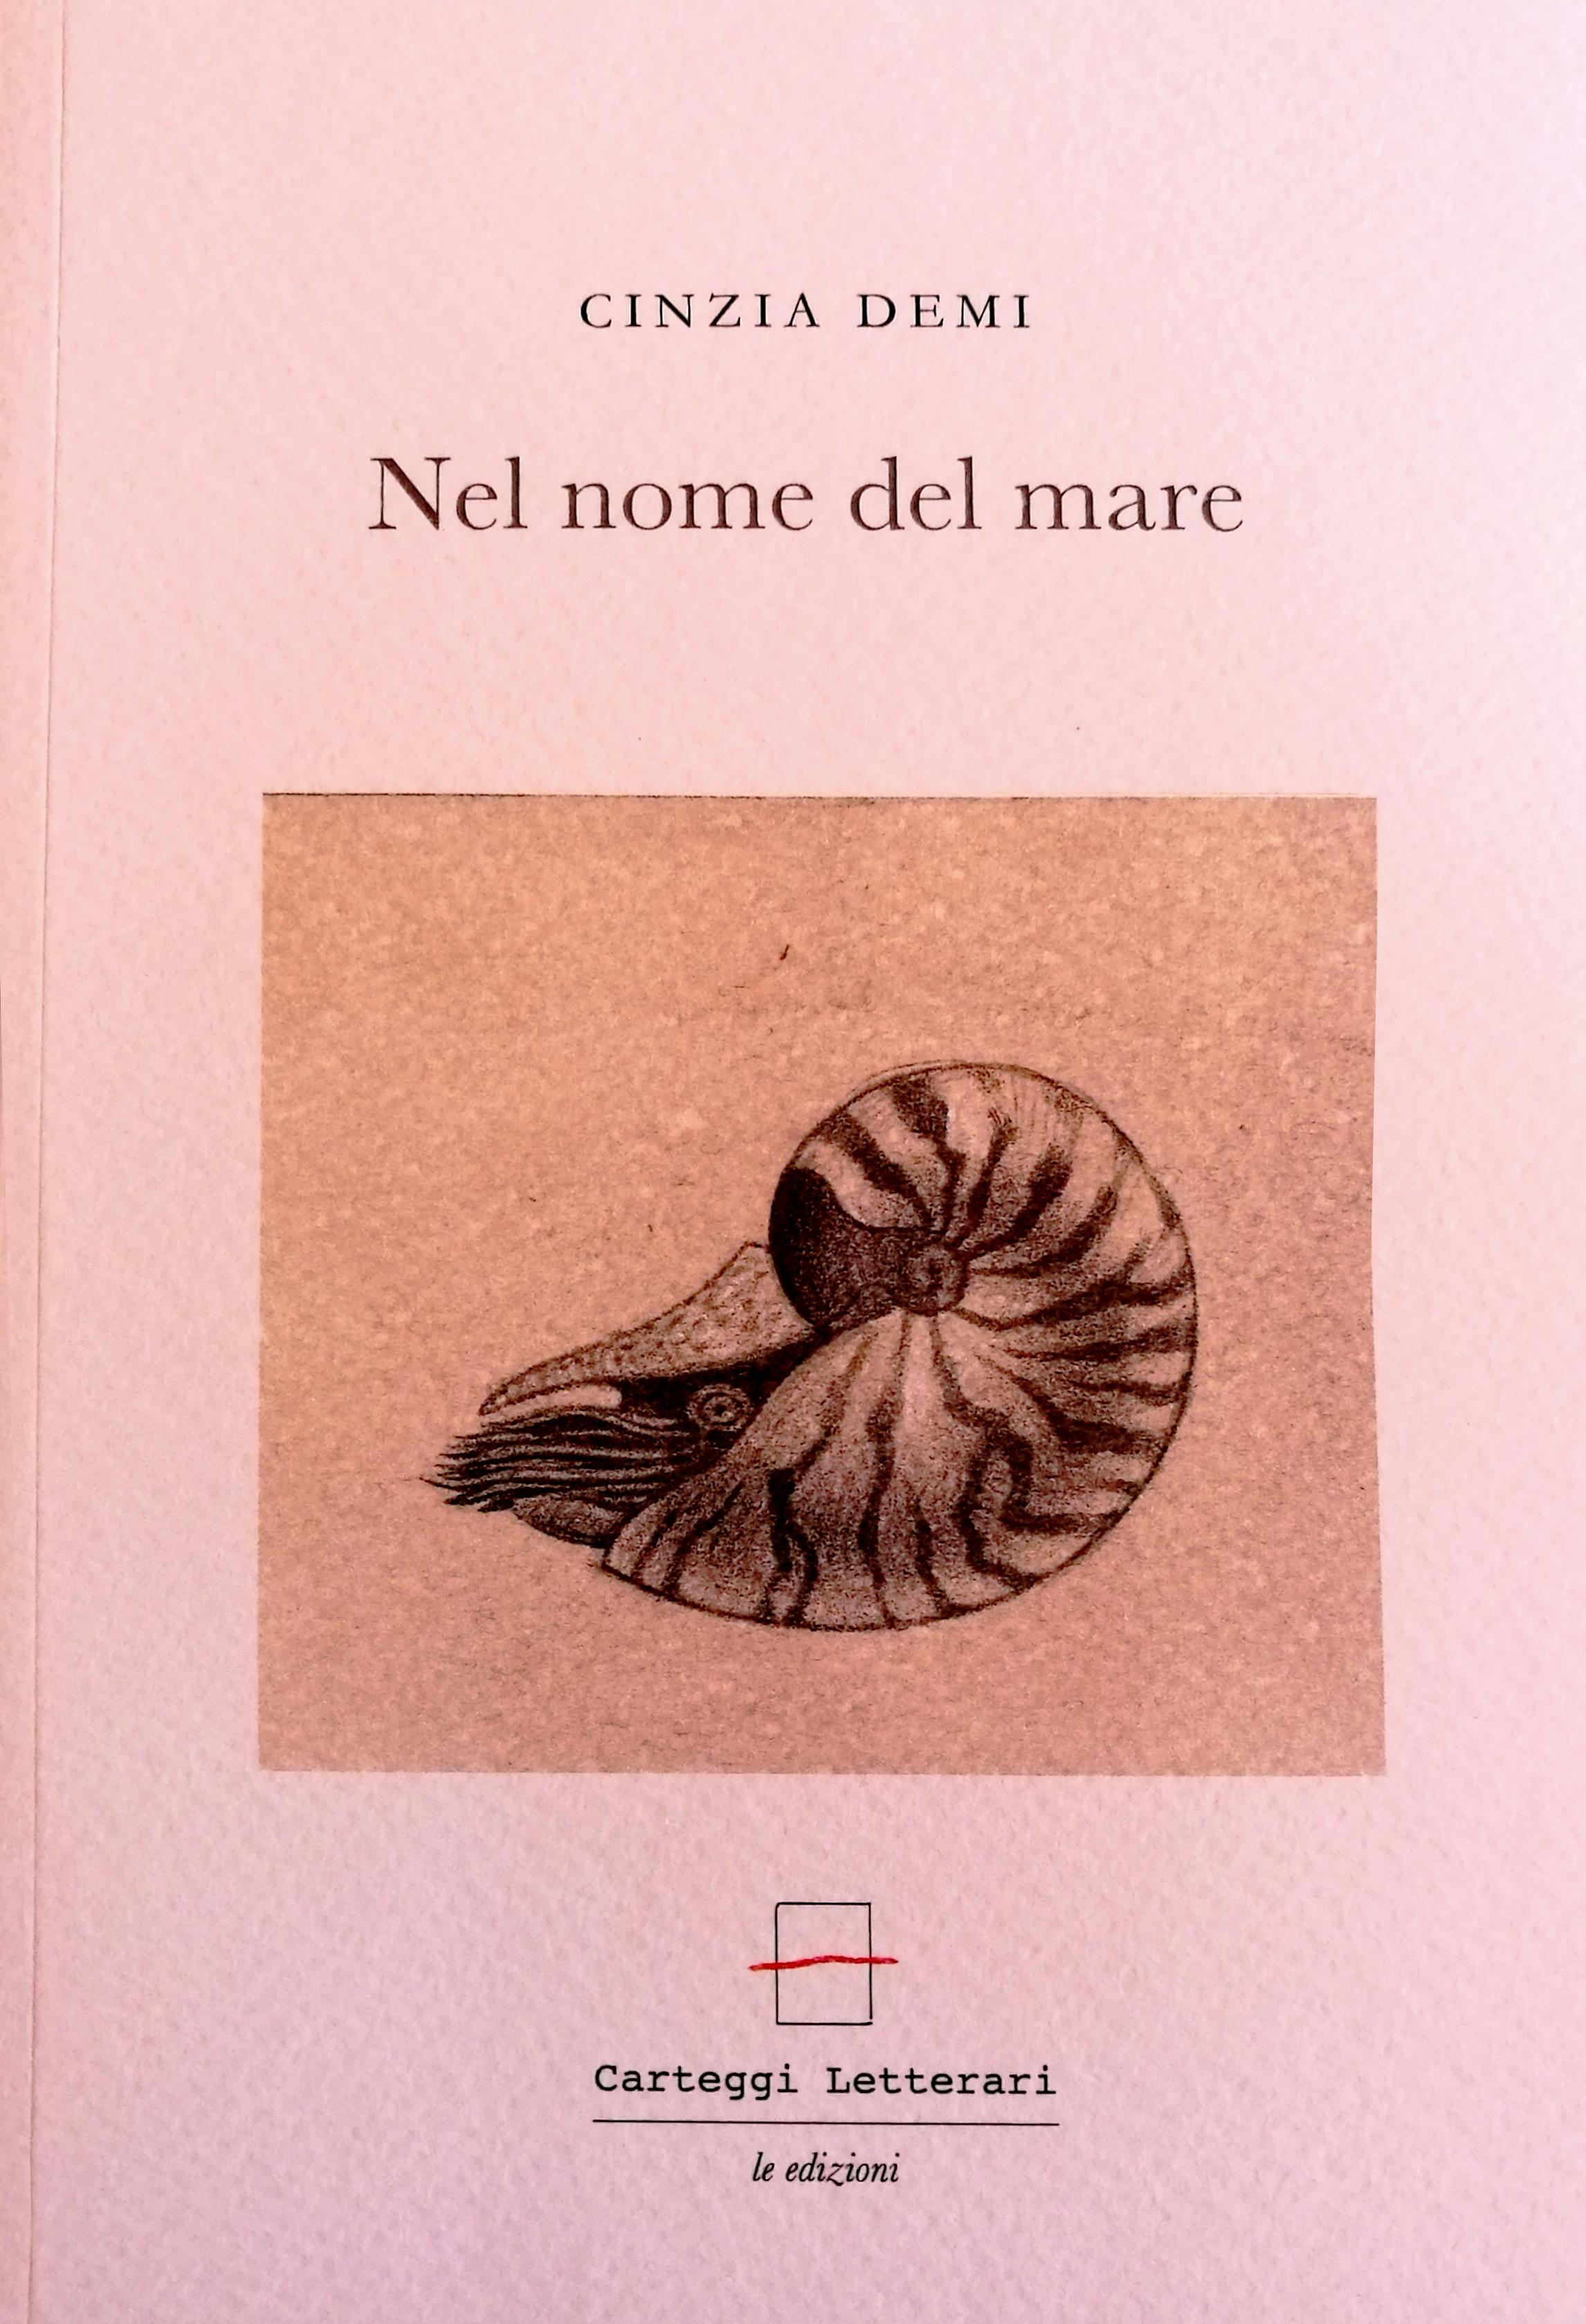 Nel nome del mare – Cinzia Demi